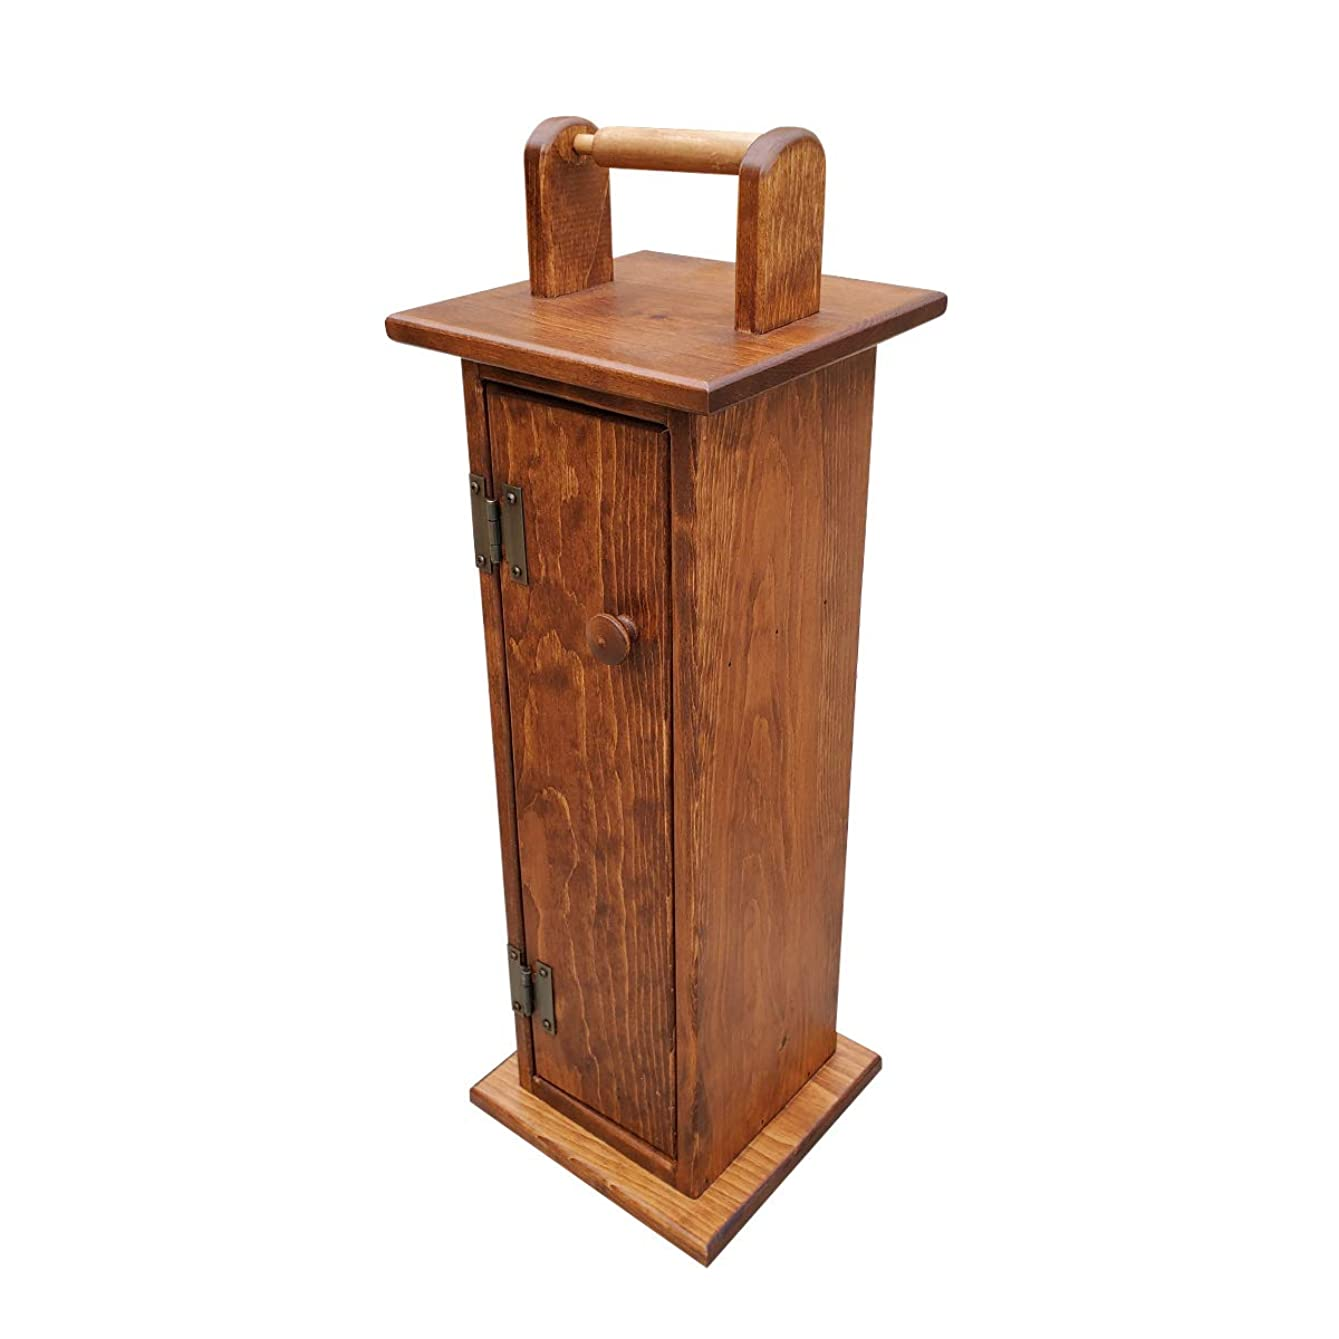 ハブ事業内容そっとPeaceful Classics 木製トイレットペーパーホルダーキャビネット | アーミッシュ手作りソリッドパイン | バスルーム収納トイレティッシュシェルフ | 立ったトイレットペーパーホルダー レッド